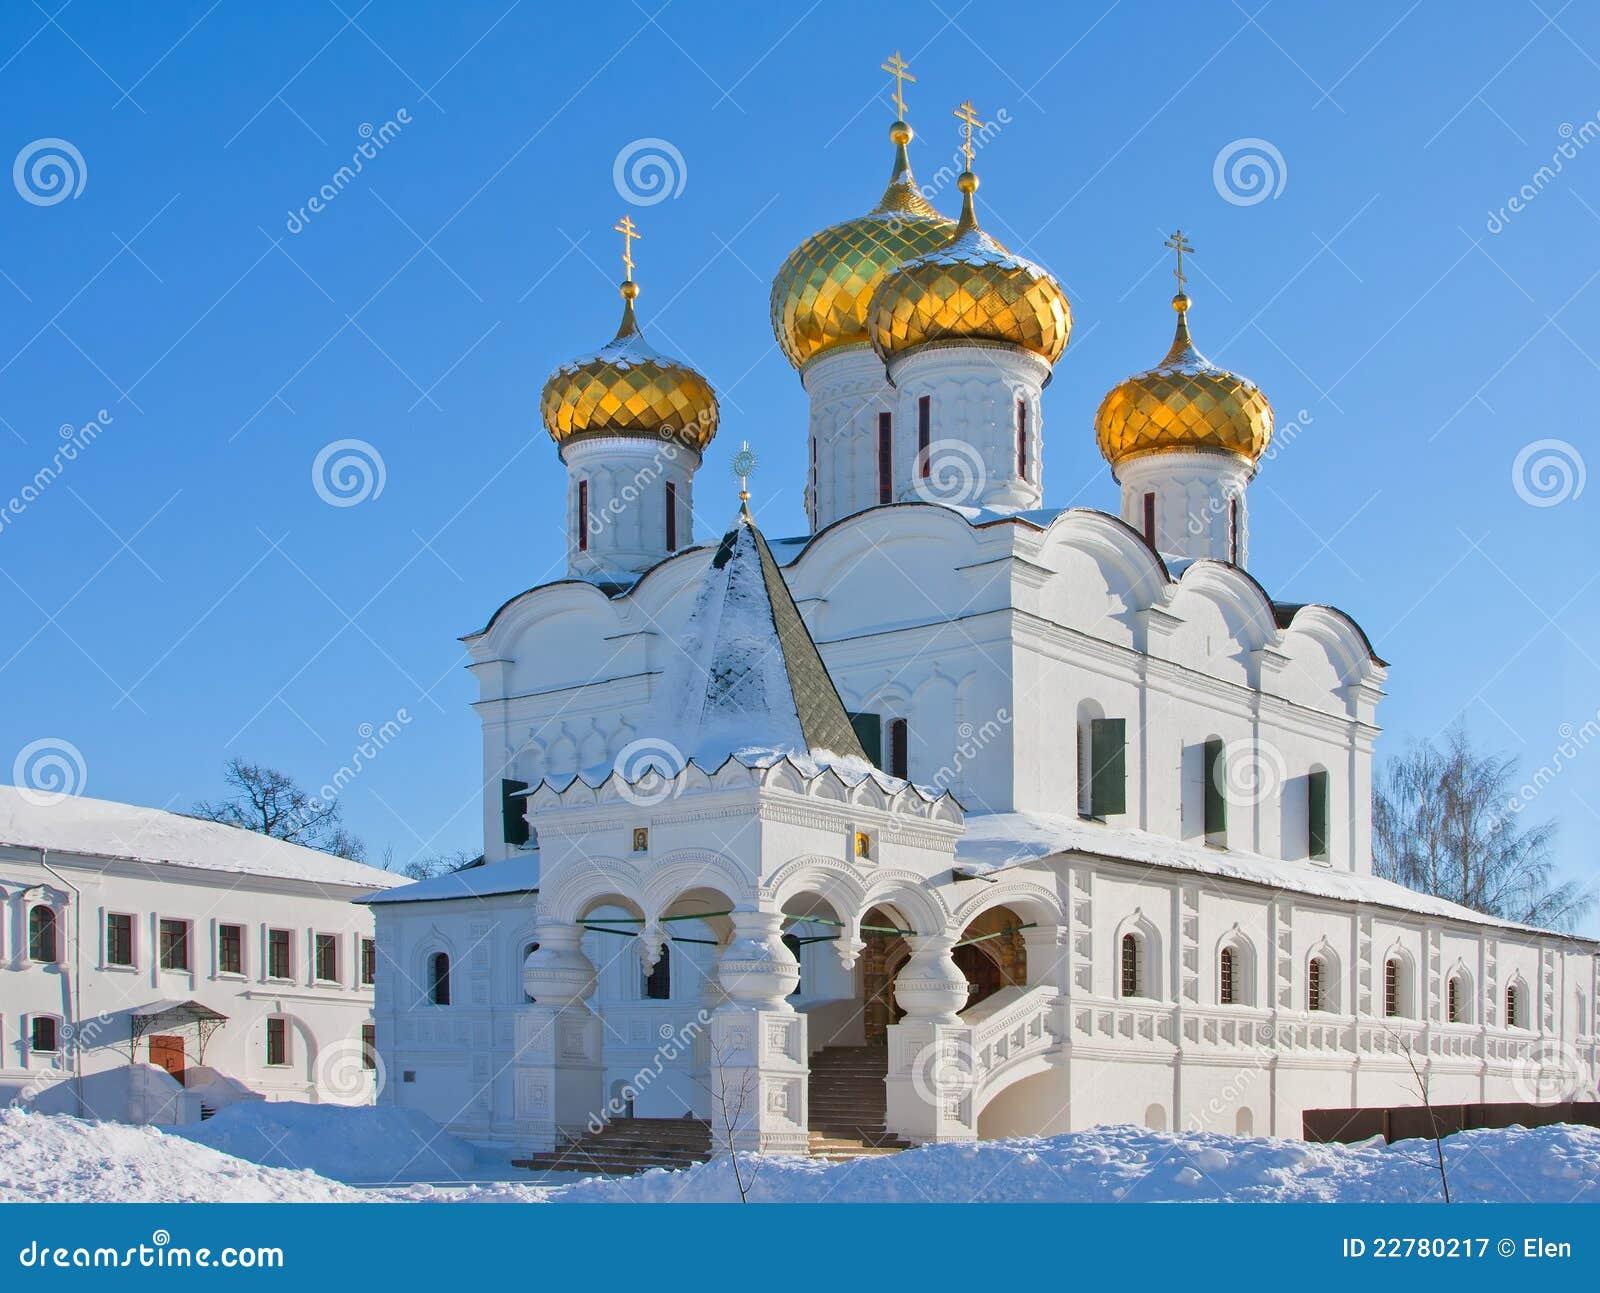 Καθεδρικός ναός χριστιανισμού στη Ρωσία, Kostroma, μοναστήρι Ipatievsky